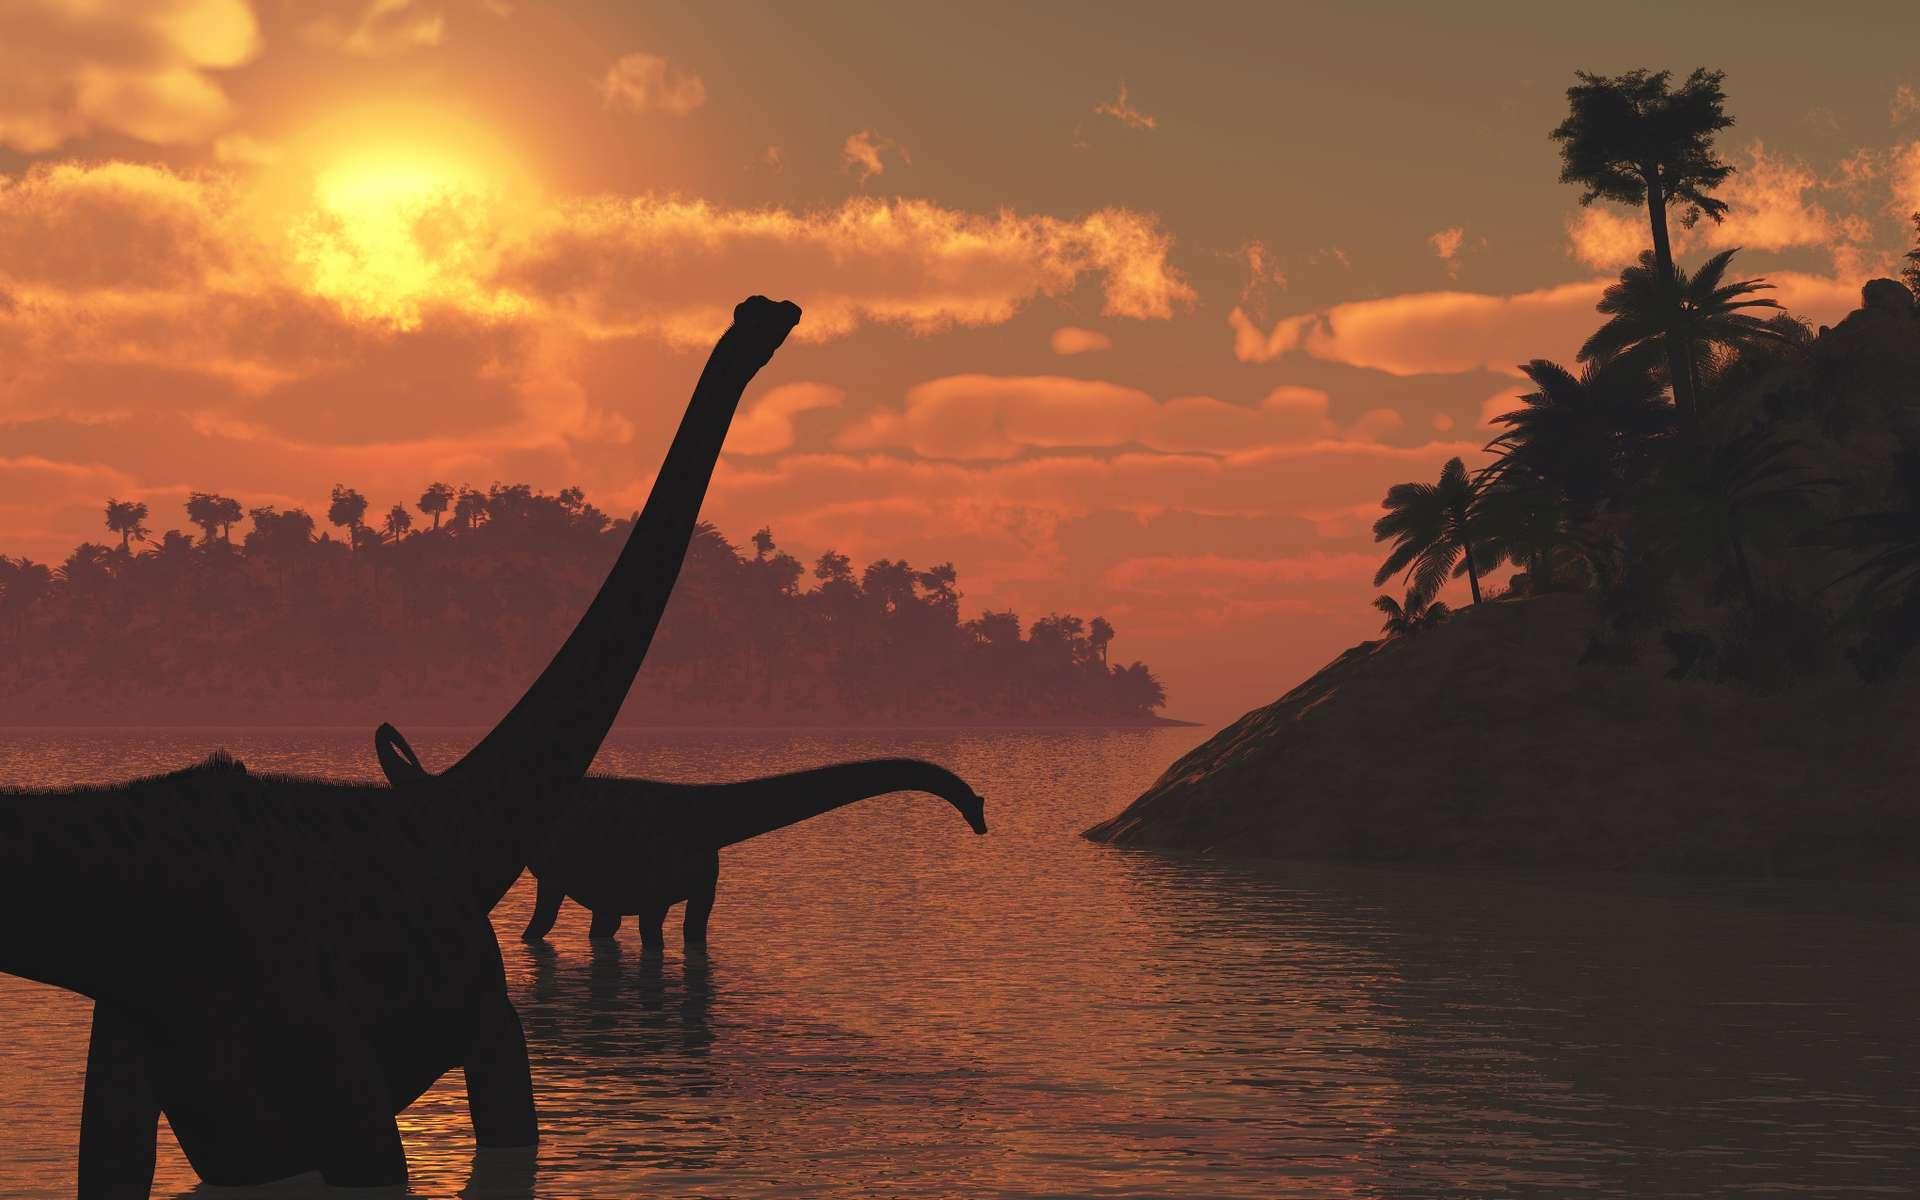 Les dinosaures ont marché sur la Terre durant plus de 150 millions d'années, et leur règne aurait pu sembler éternel. Pourtant, il y a environ 66 millions d'années, ils disparaissent. L'impact d'un petit corps céleste, probablement aussi en relation avec de grandes éruptions volcaniques, a très probablement provoqué leur extinction. Mais les détails du déroulement de cette crise biologique restent à préciser. © Shutterstock, Linda Bucklin